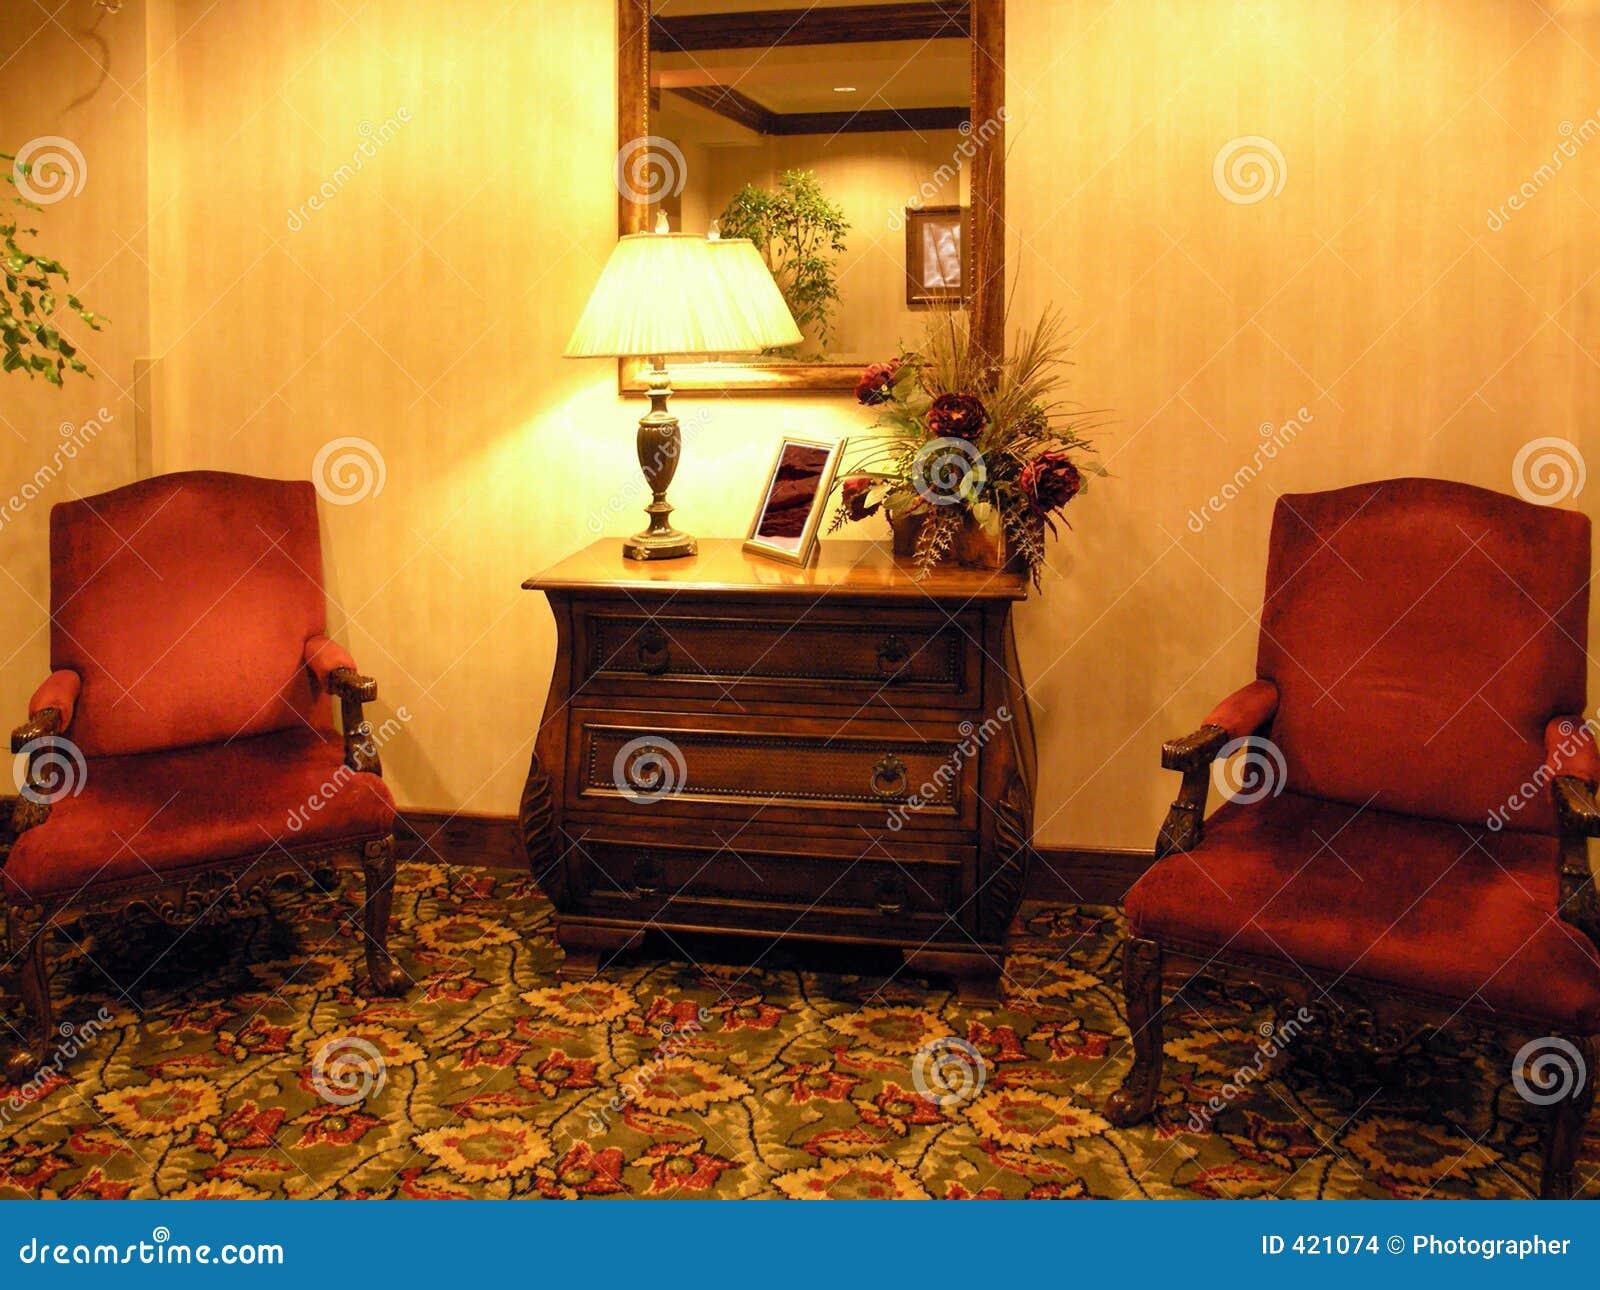 Elegant waiting area